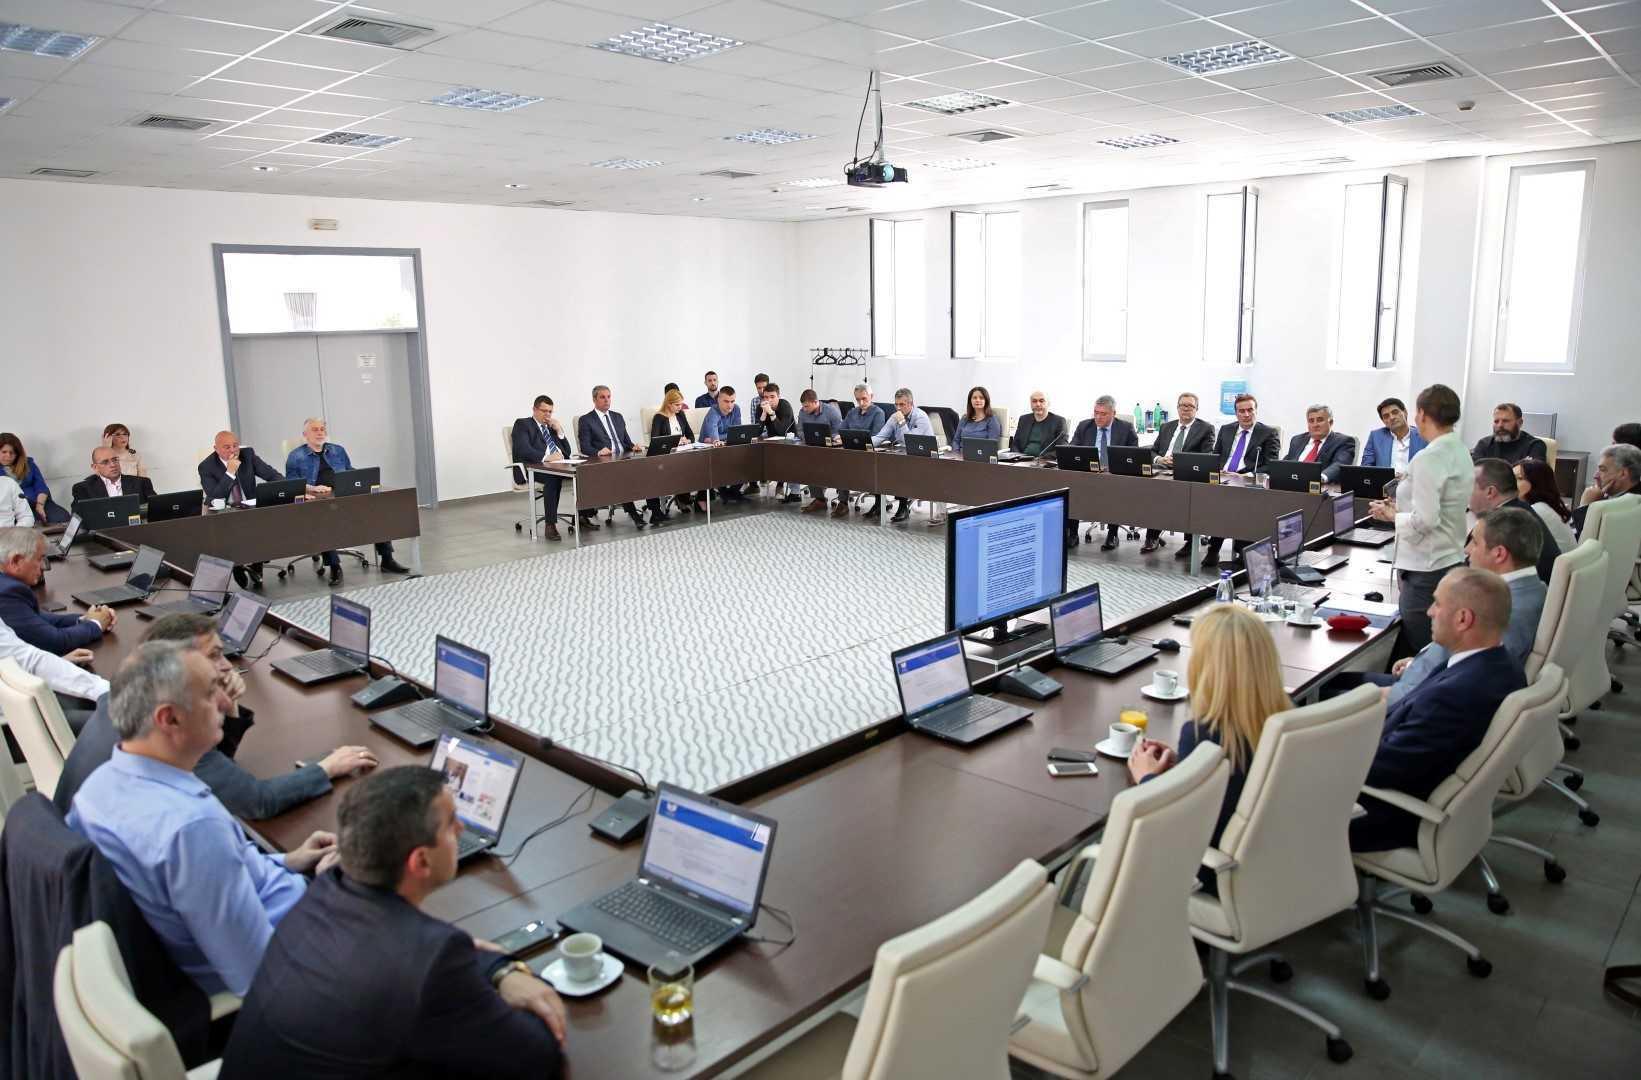 Slučaj Srđana Vukadinovića zagušen bukom i bijesom gubitnika u akademskom i pravnom sporu